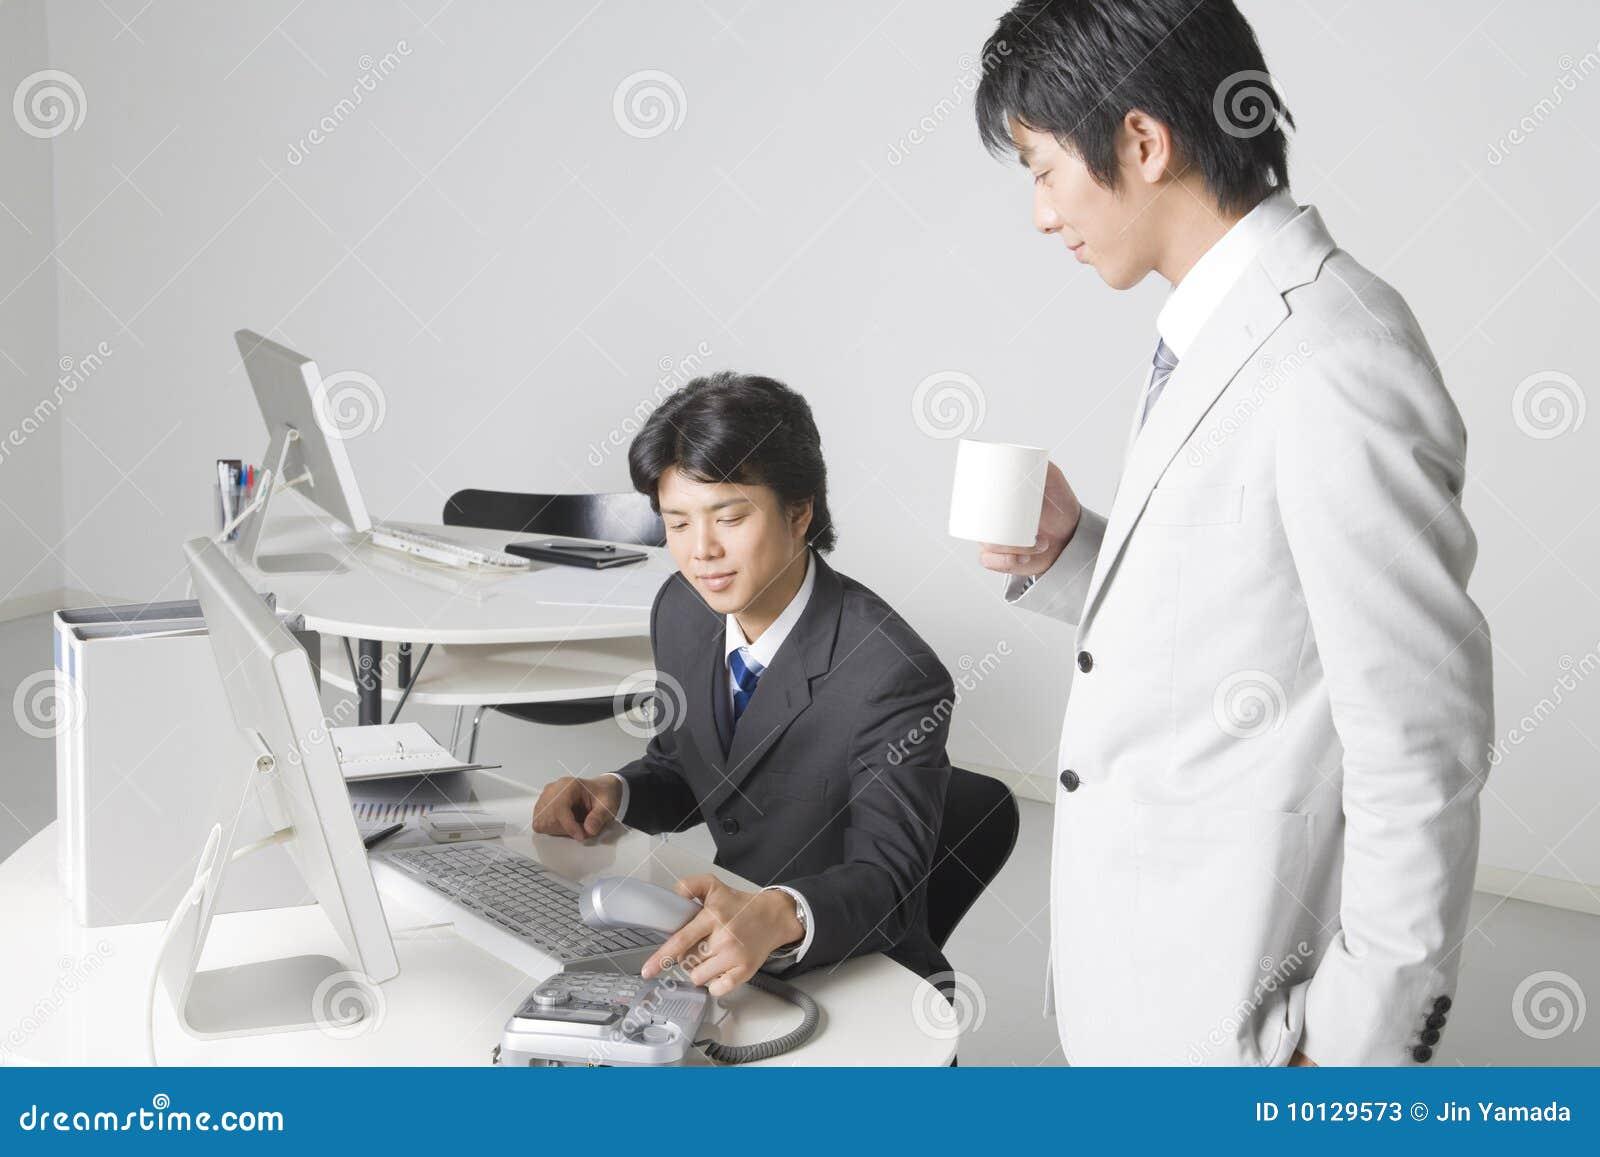 Au japon les employés sont priés de quitter le bureau dès